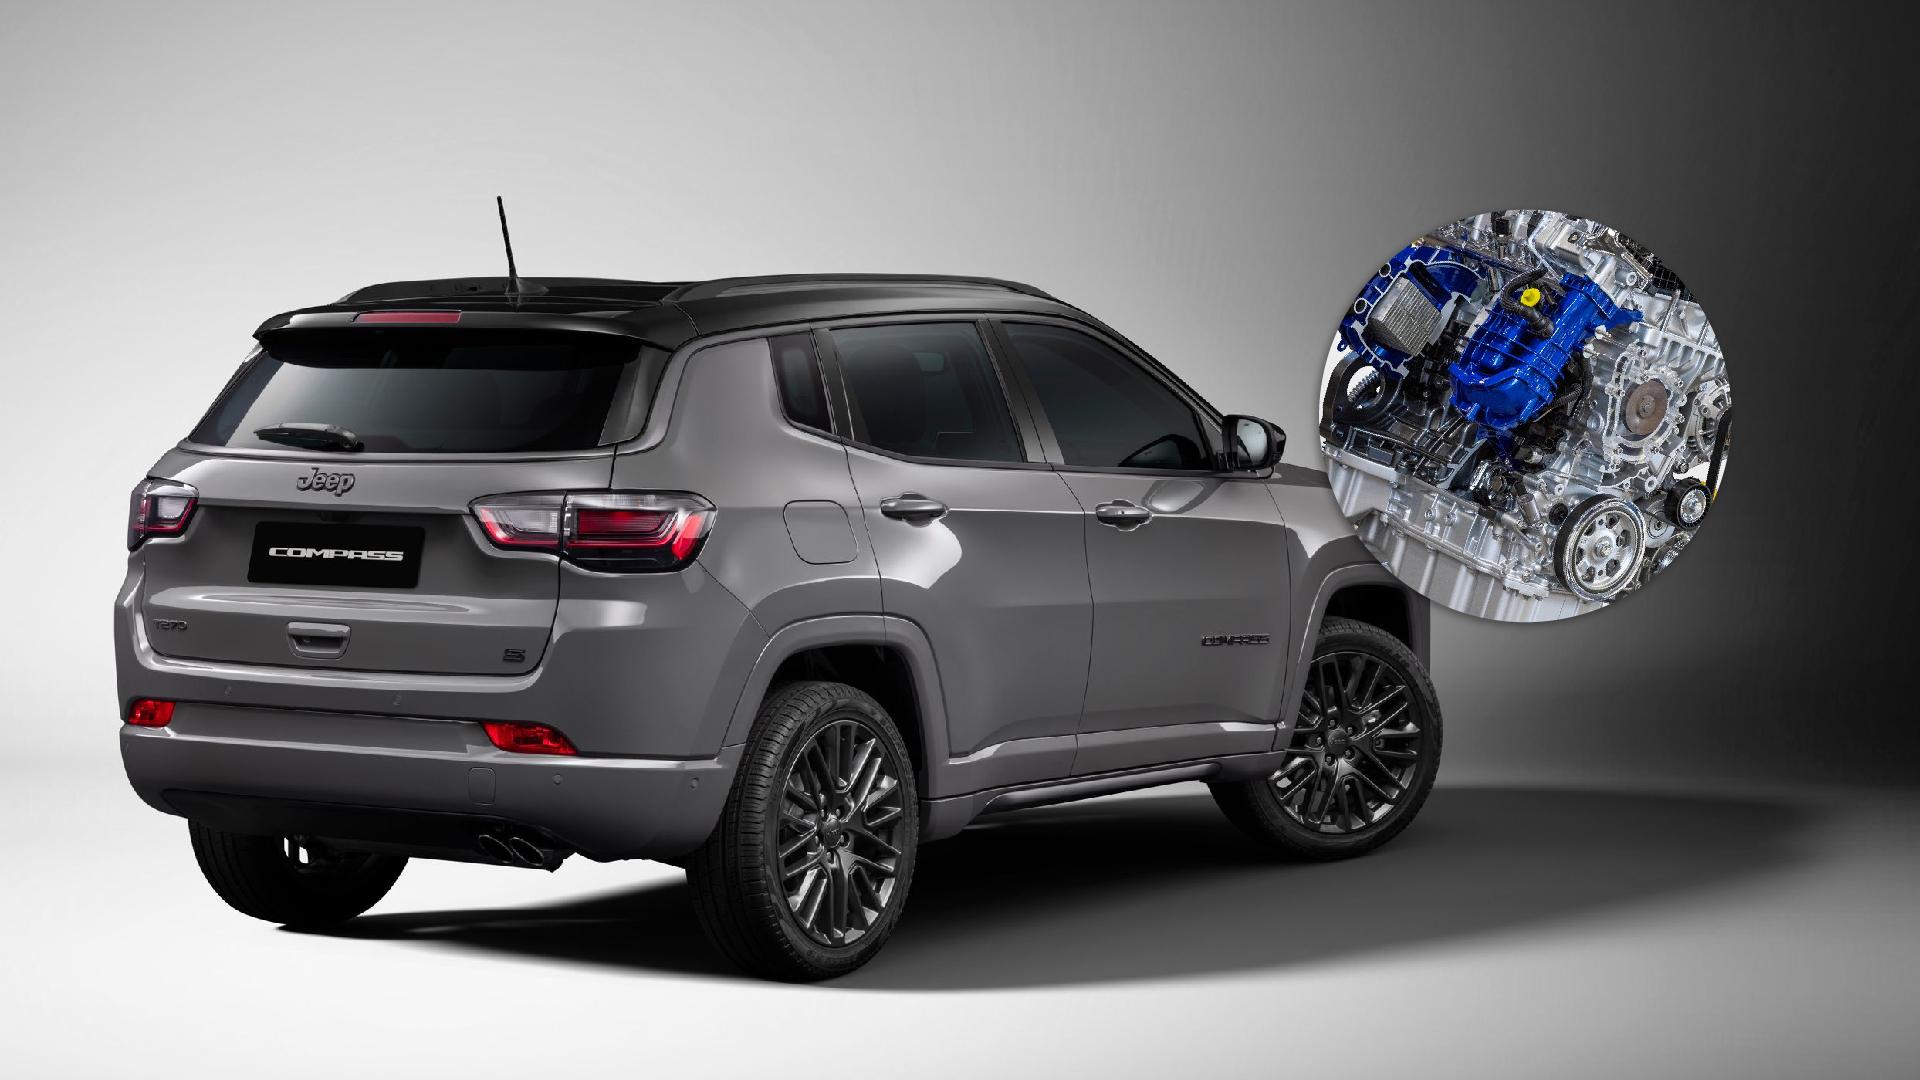 Novo Jeep Compass terá novo motor Firefly com mais potência